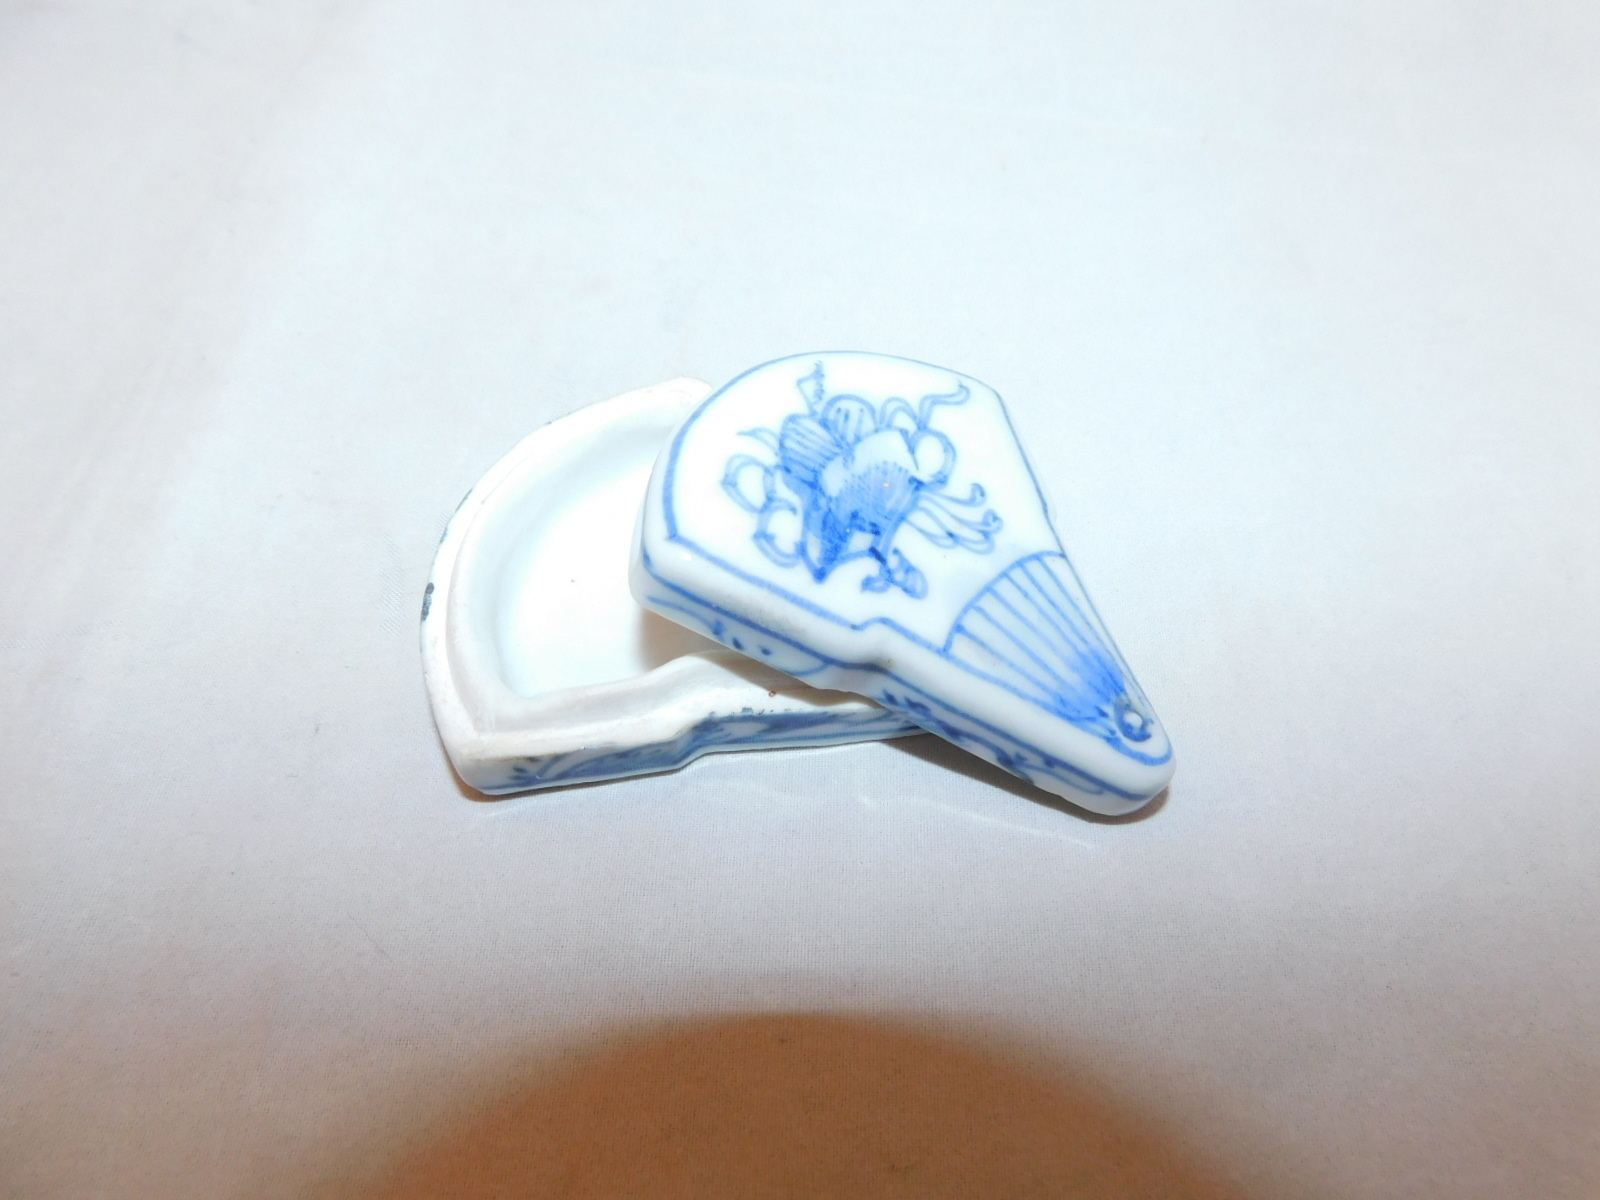 染付扇子型香合 blue &white porcelain incense box(No10)